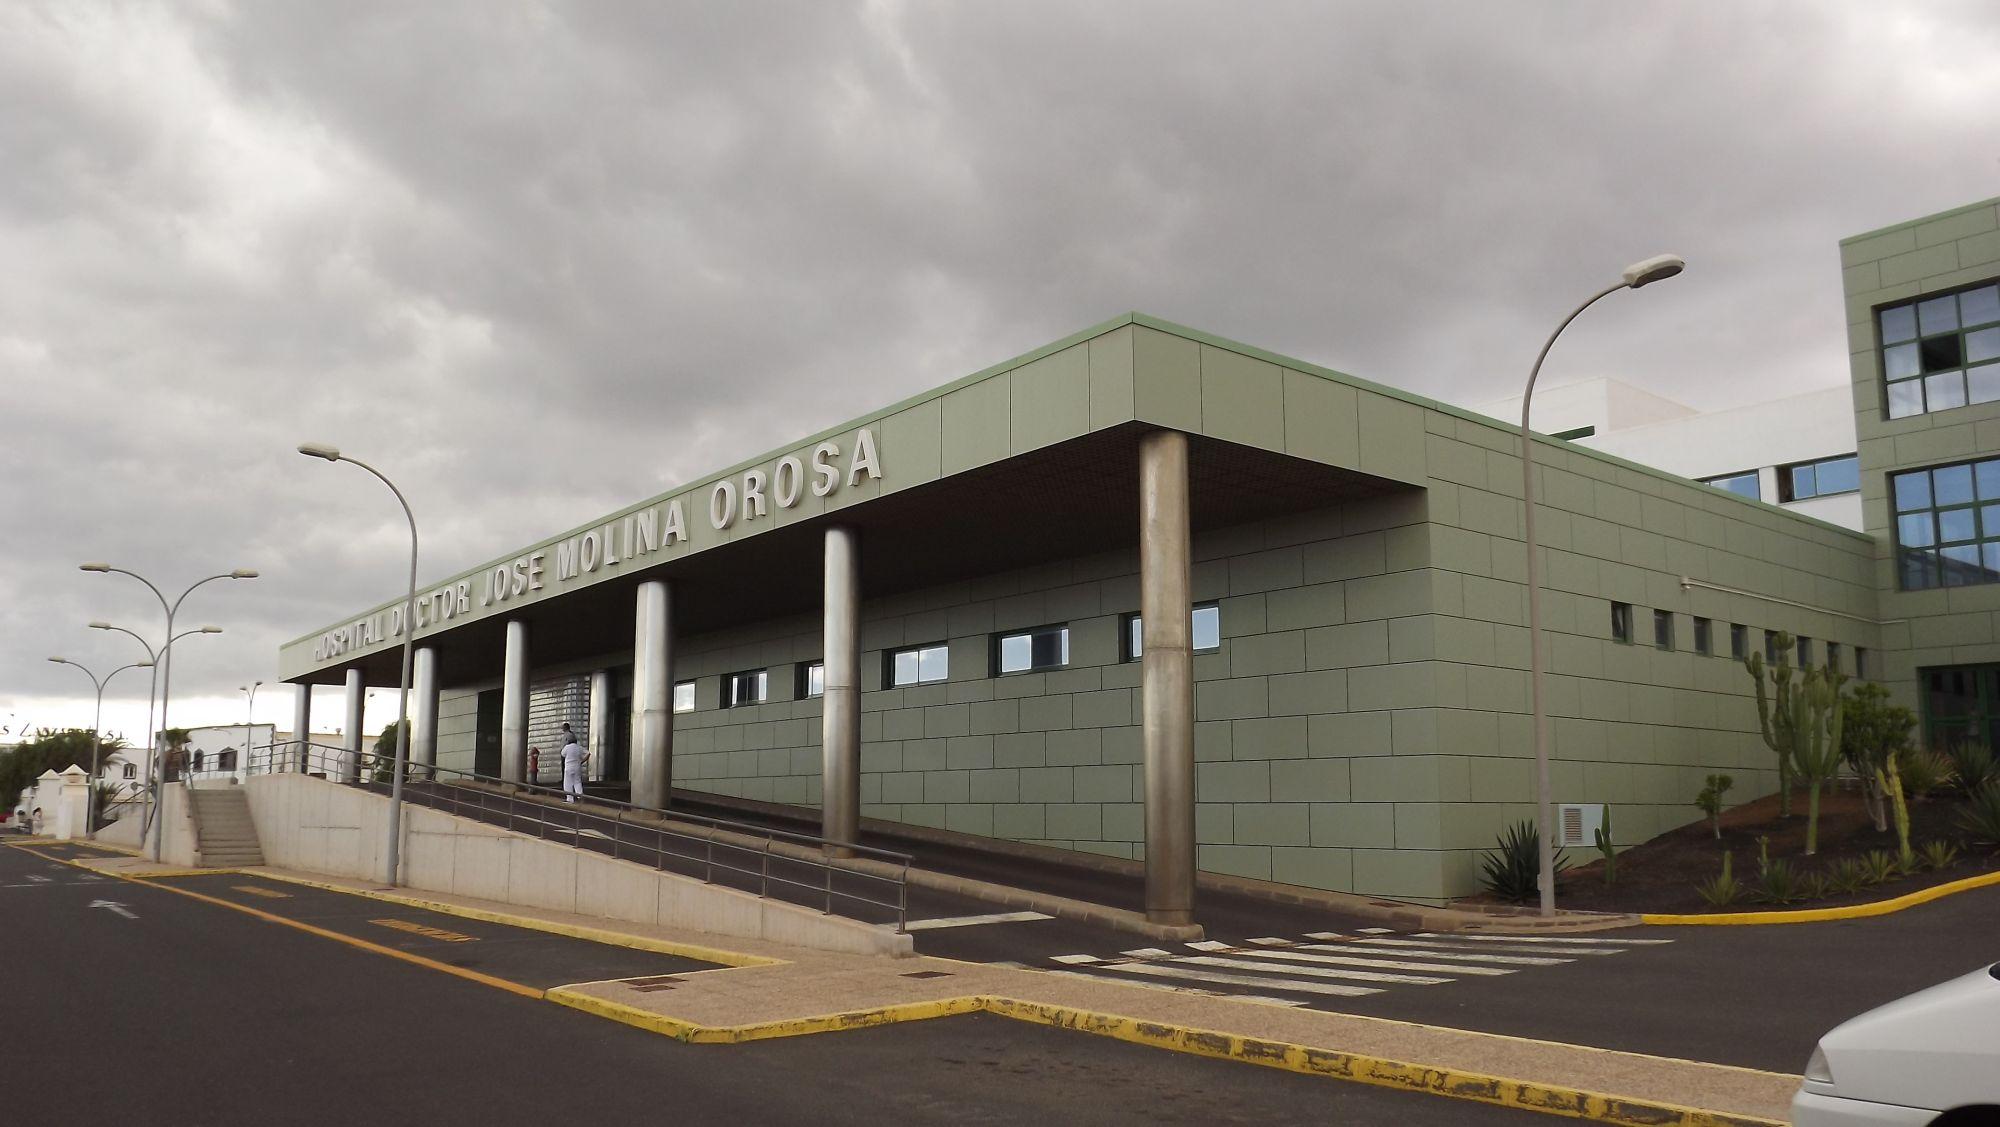 Hospital Dr. José Molina Orosa (Lanzarote) / CanariasNoticias.es